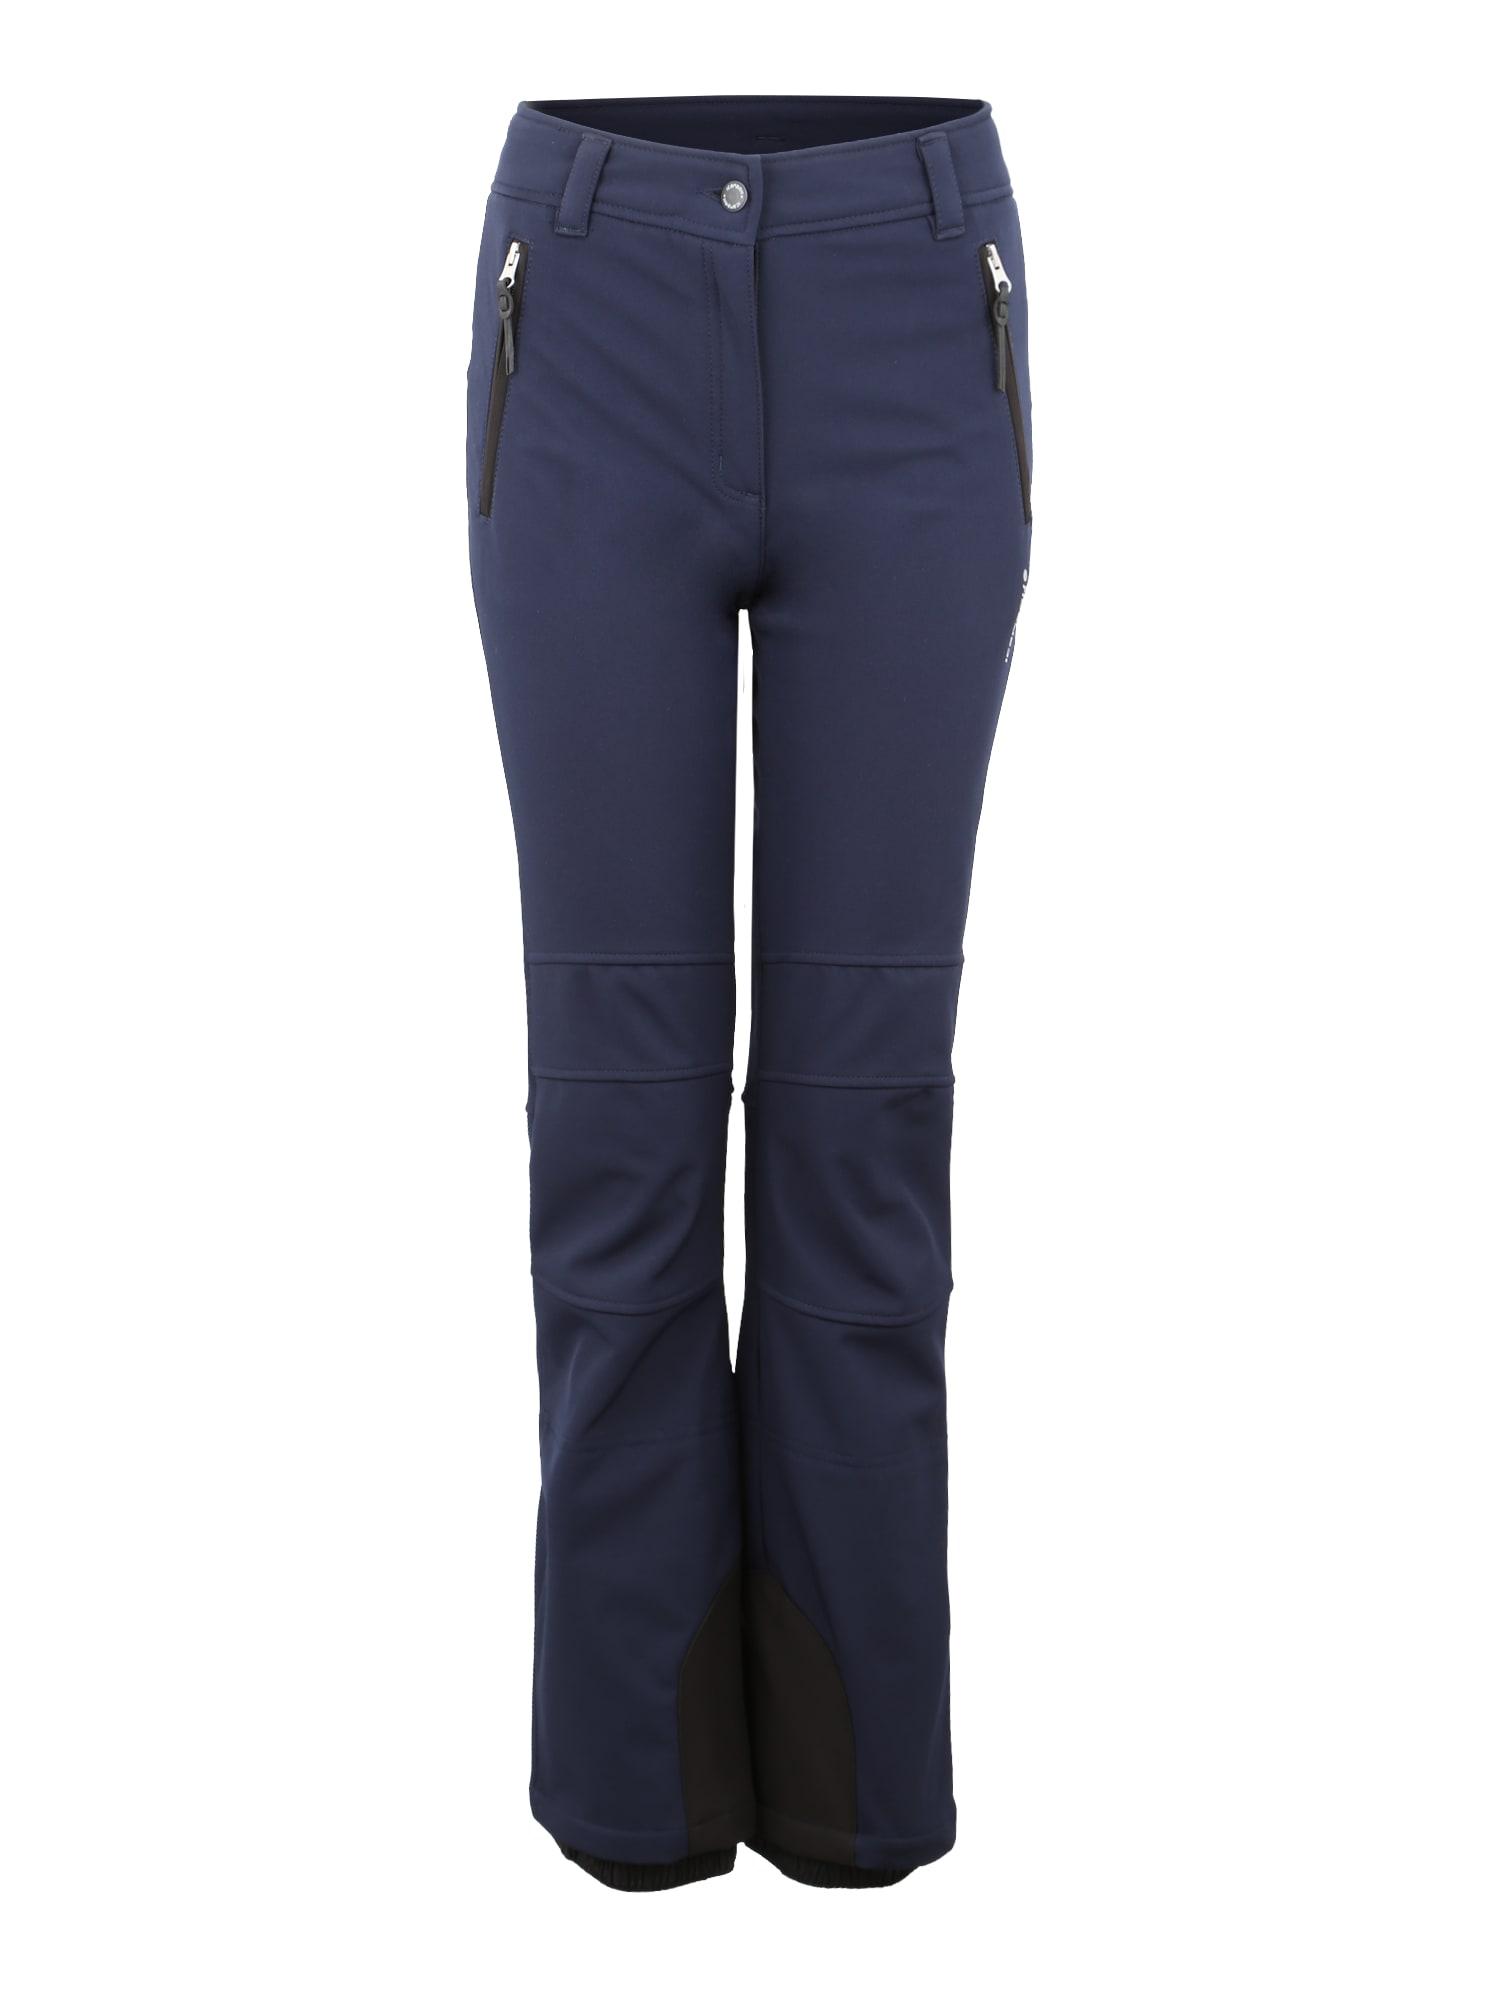 Outdoorové kalhoty Outi námořnická modř ICEPEAK